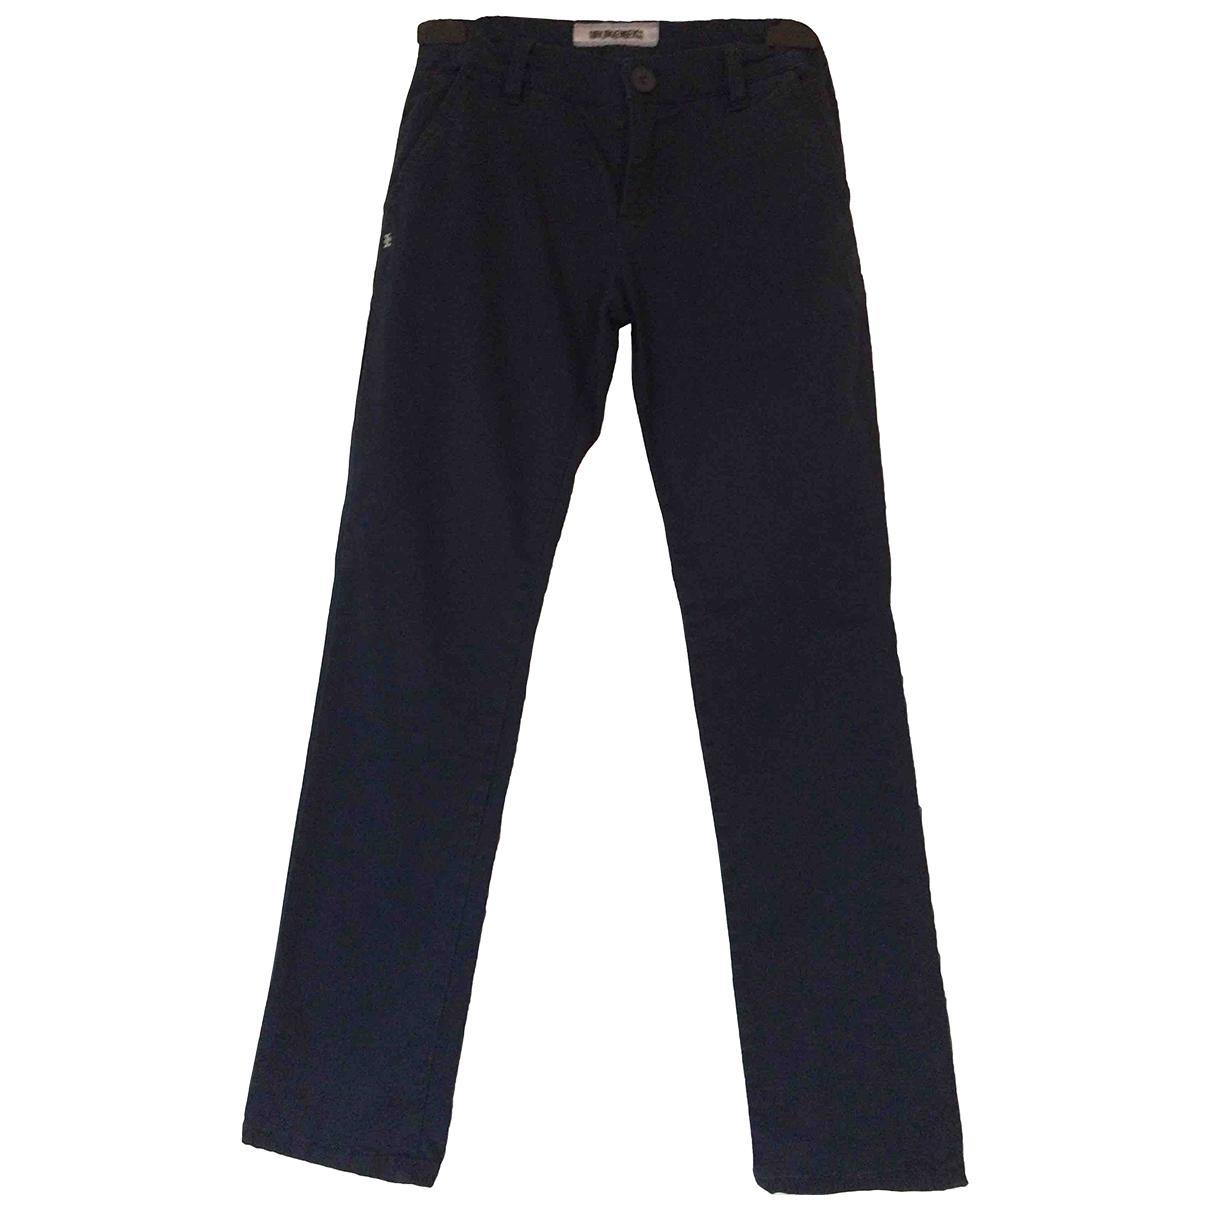 Dirk Bikkembergs - Pantalon   pour enfant en coton - bleu